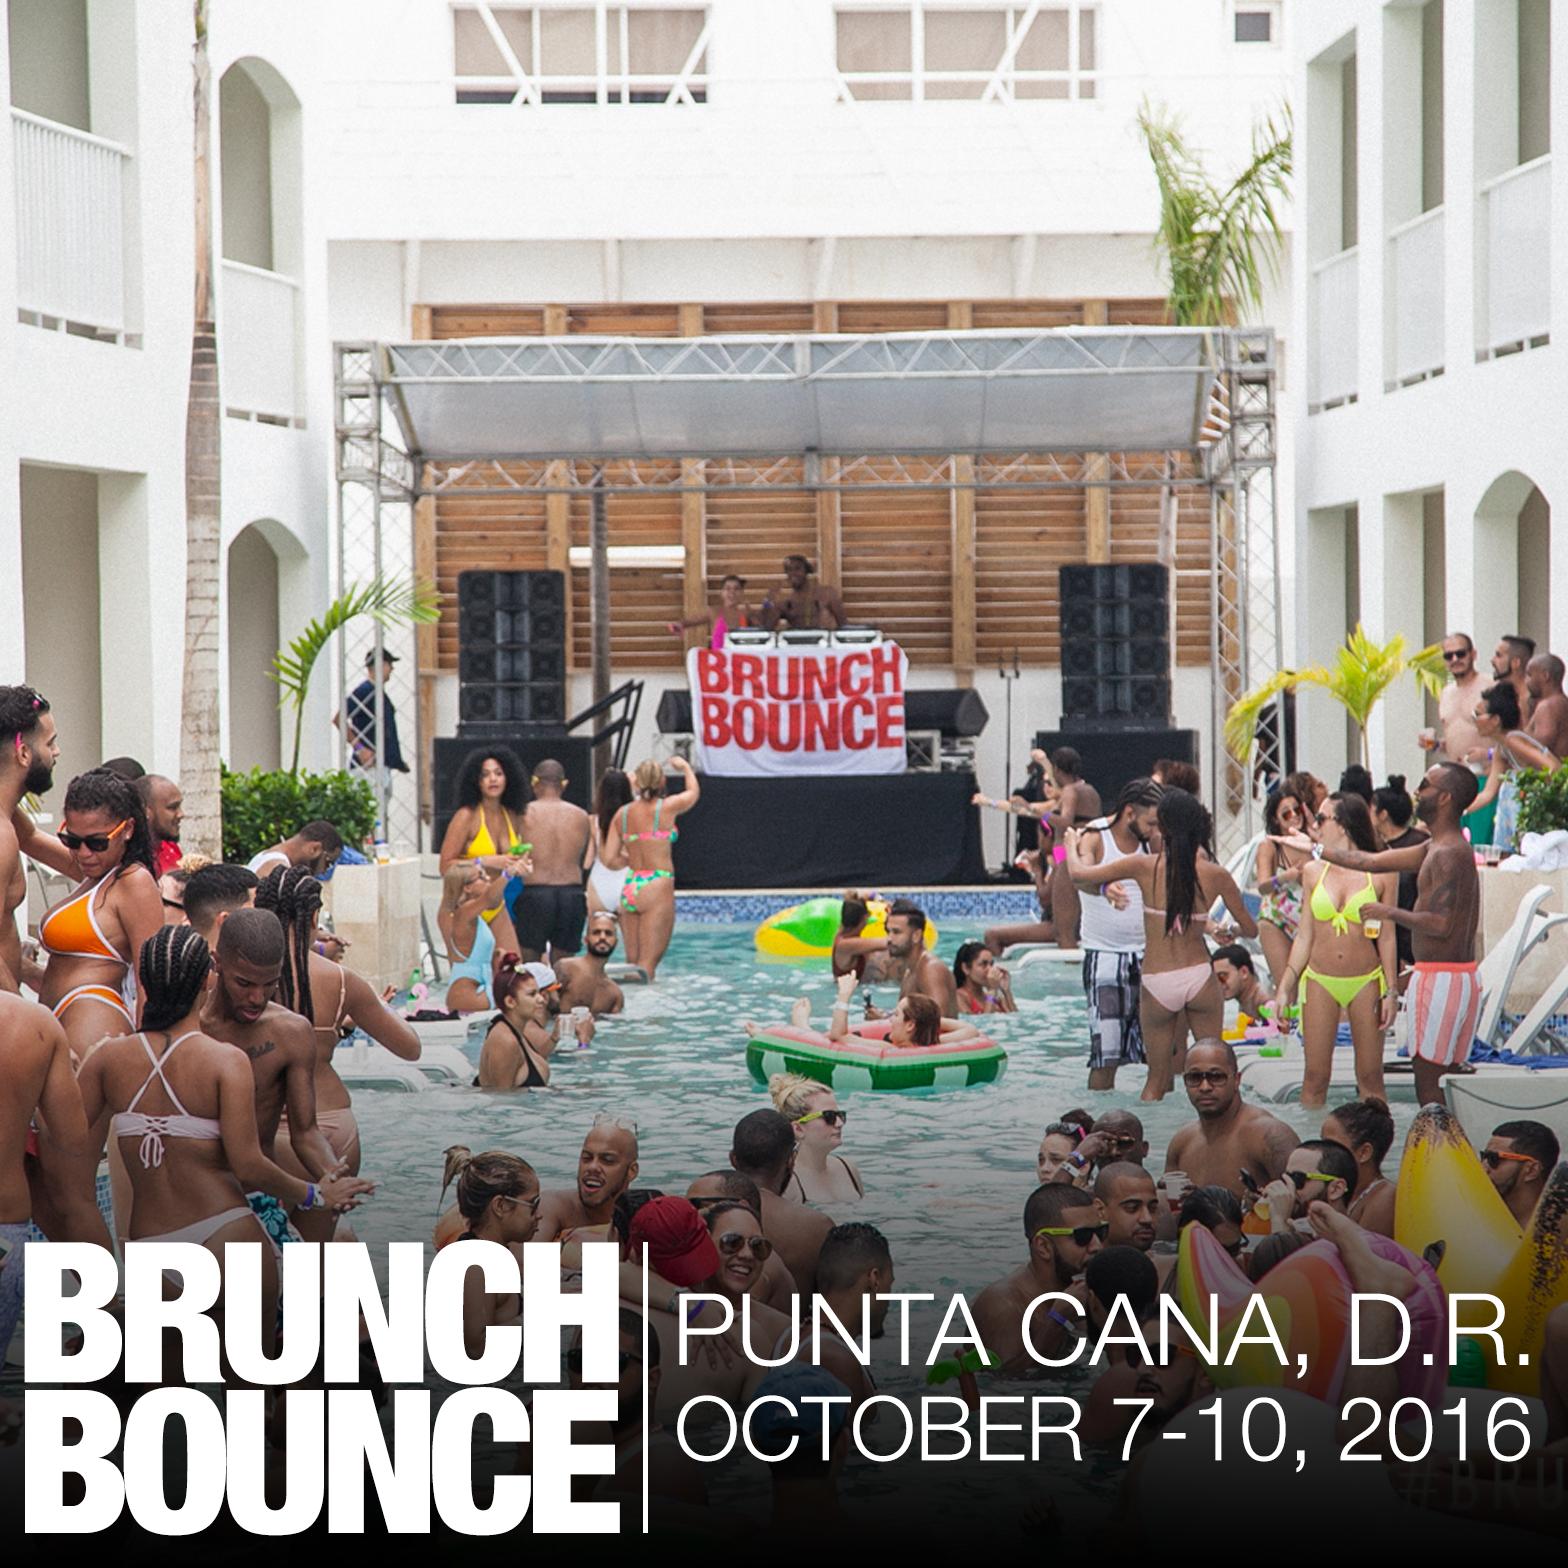 Brunch Bounce D.R. Punta Cana Oct 7-10